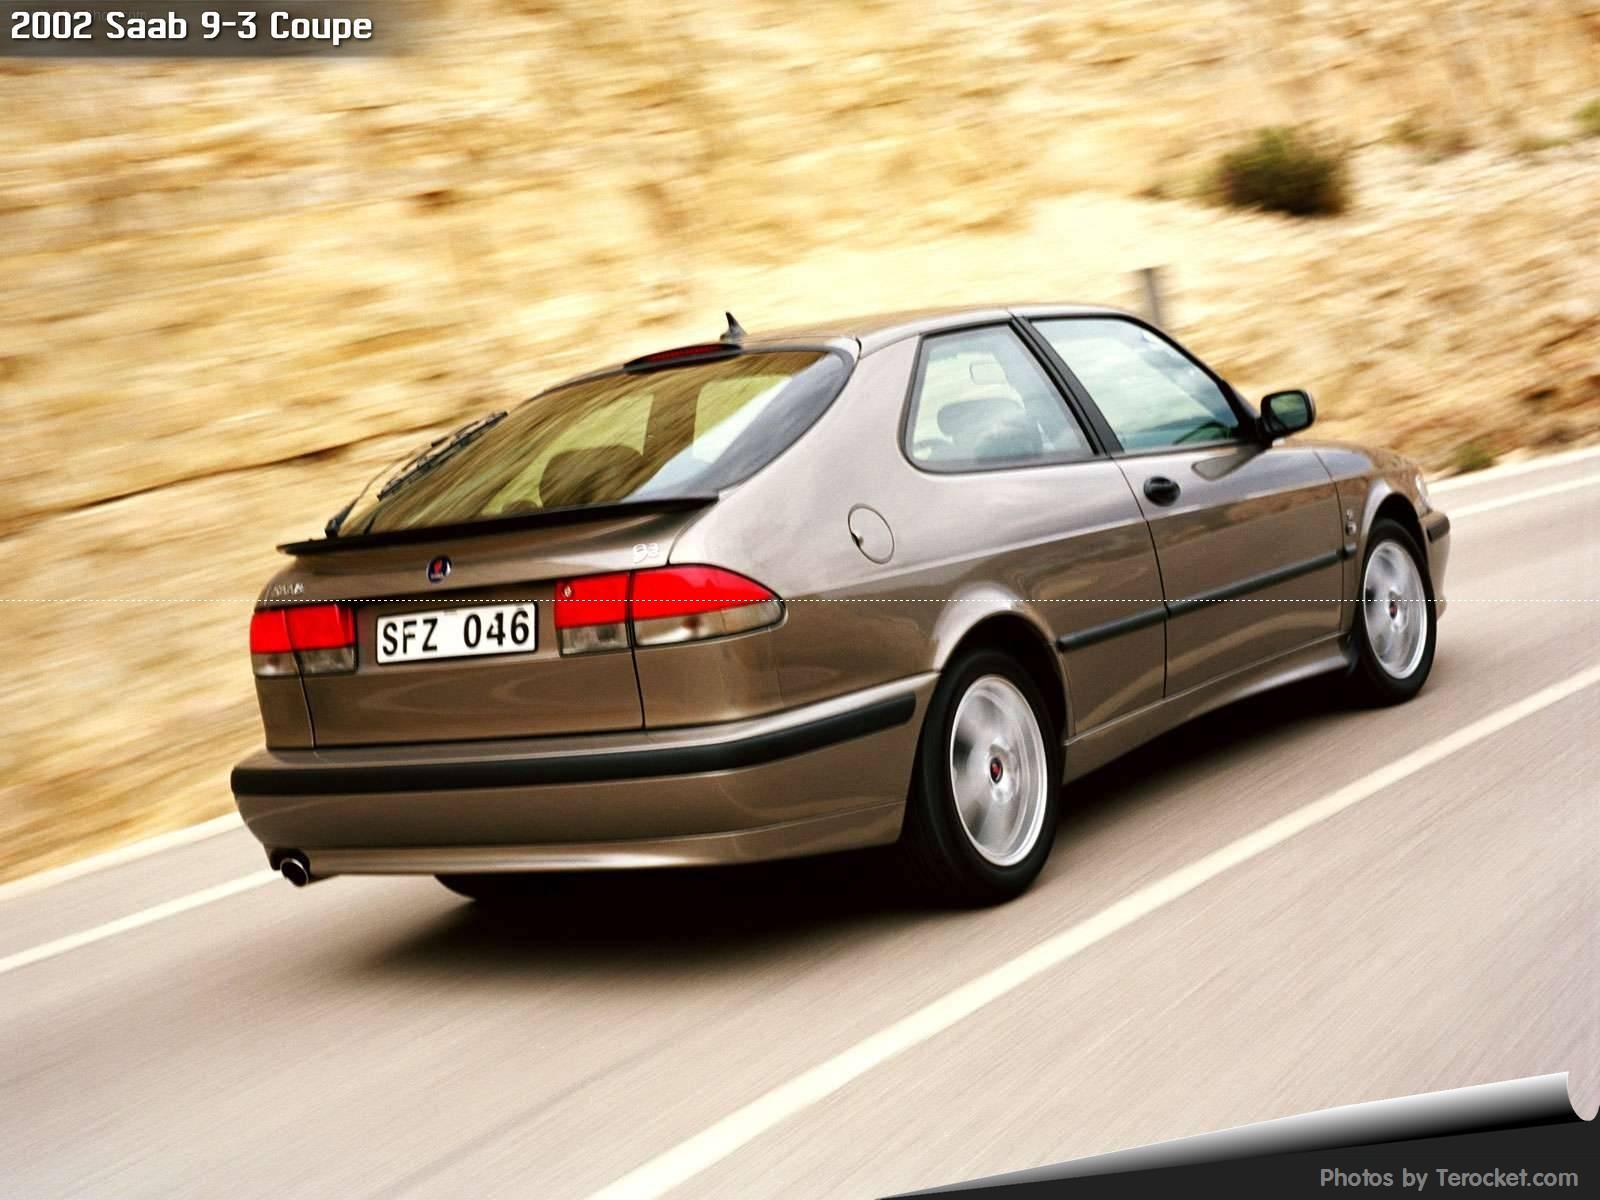 Hình ảnh xe ô tô Saab 9-3 Coupe 2002 & nội ngoại thất